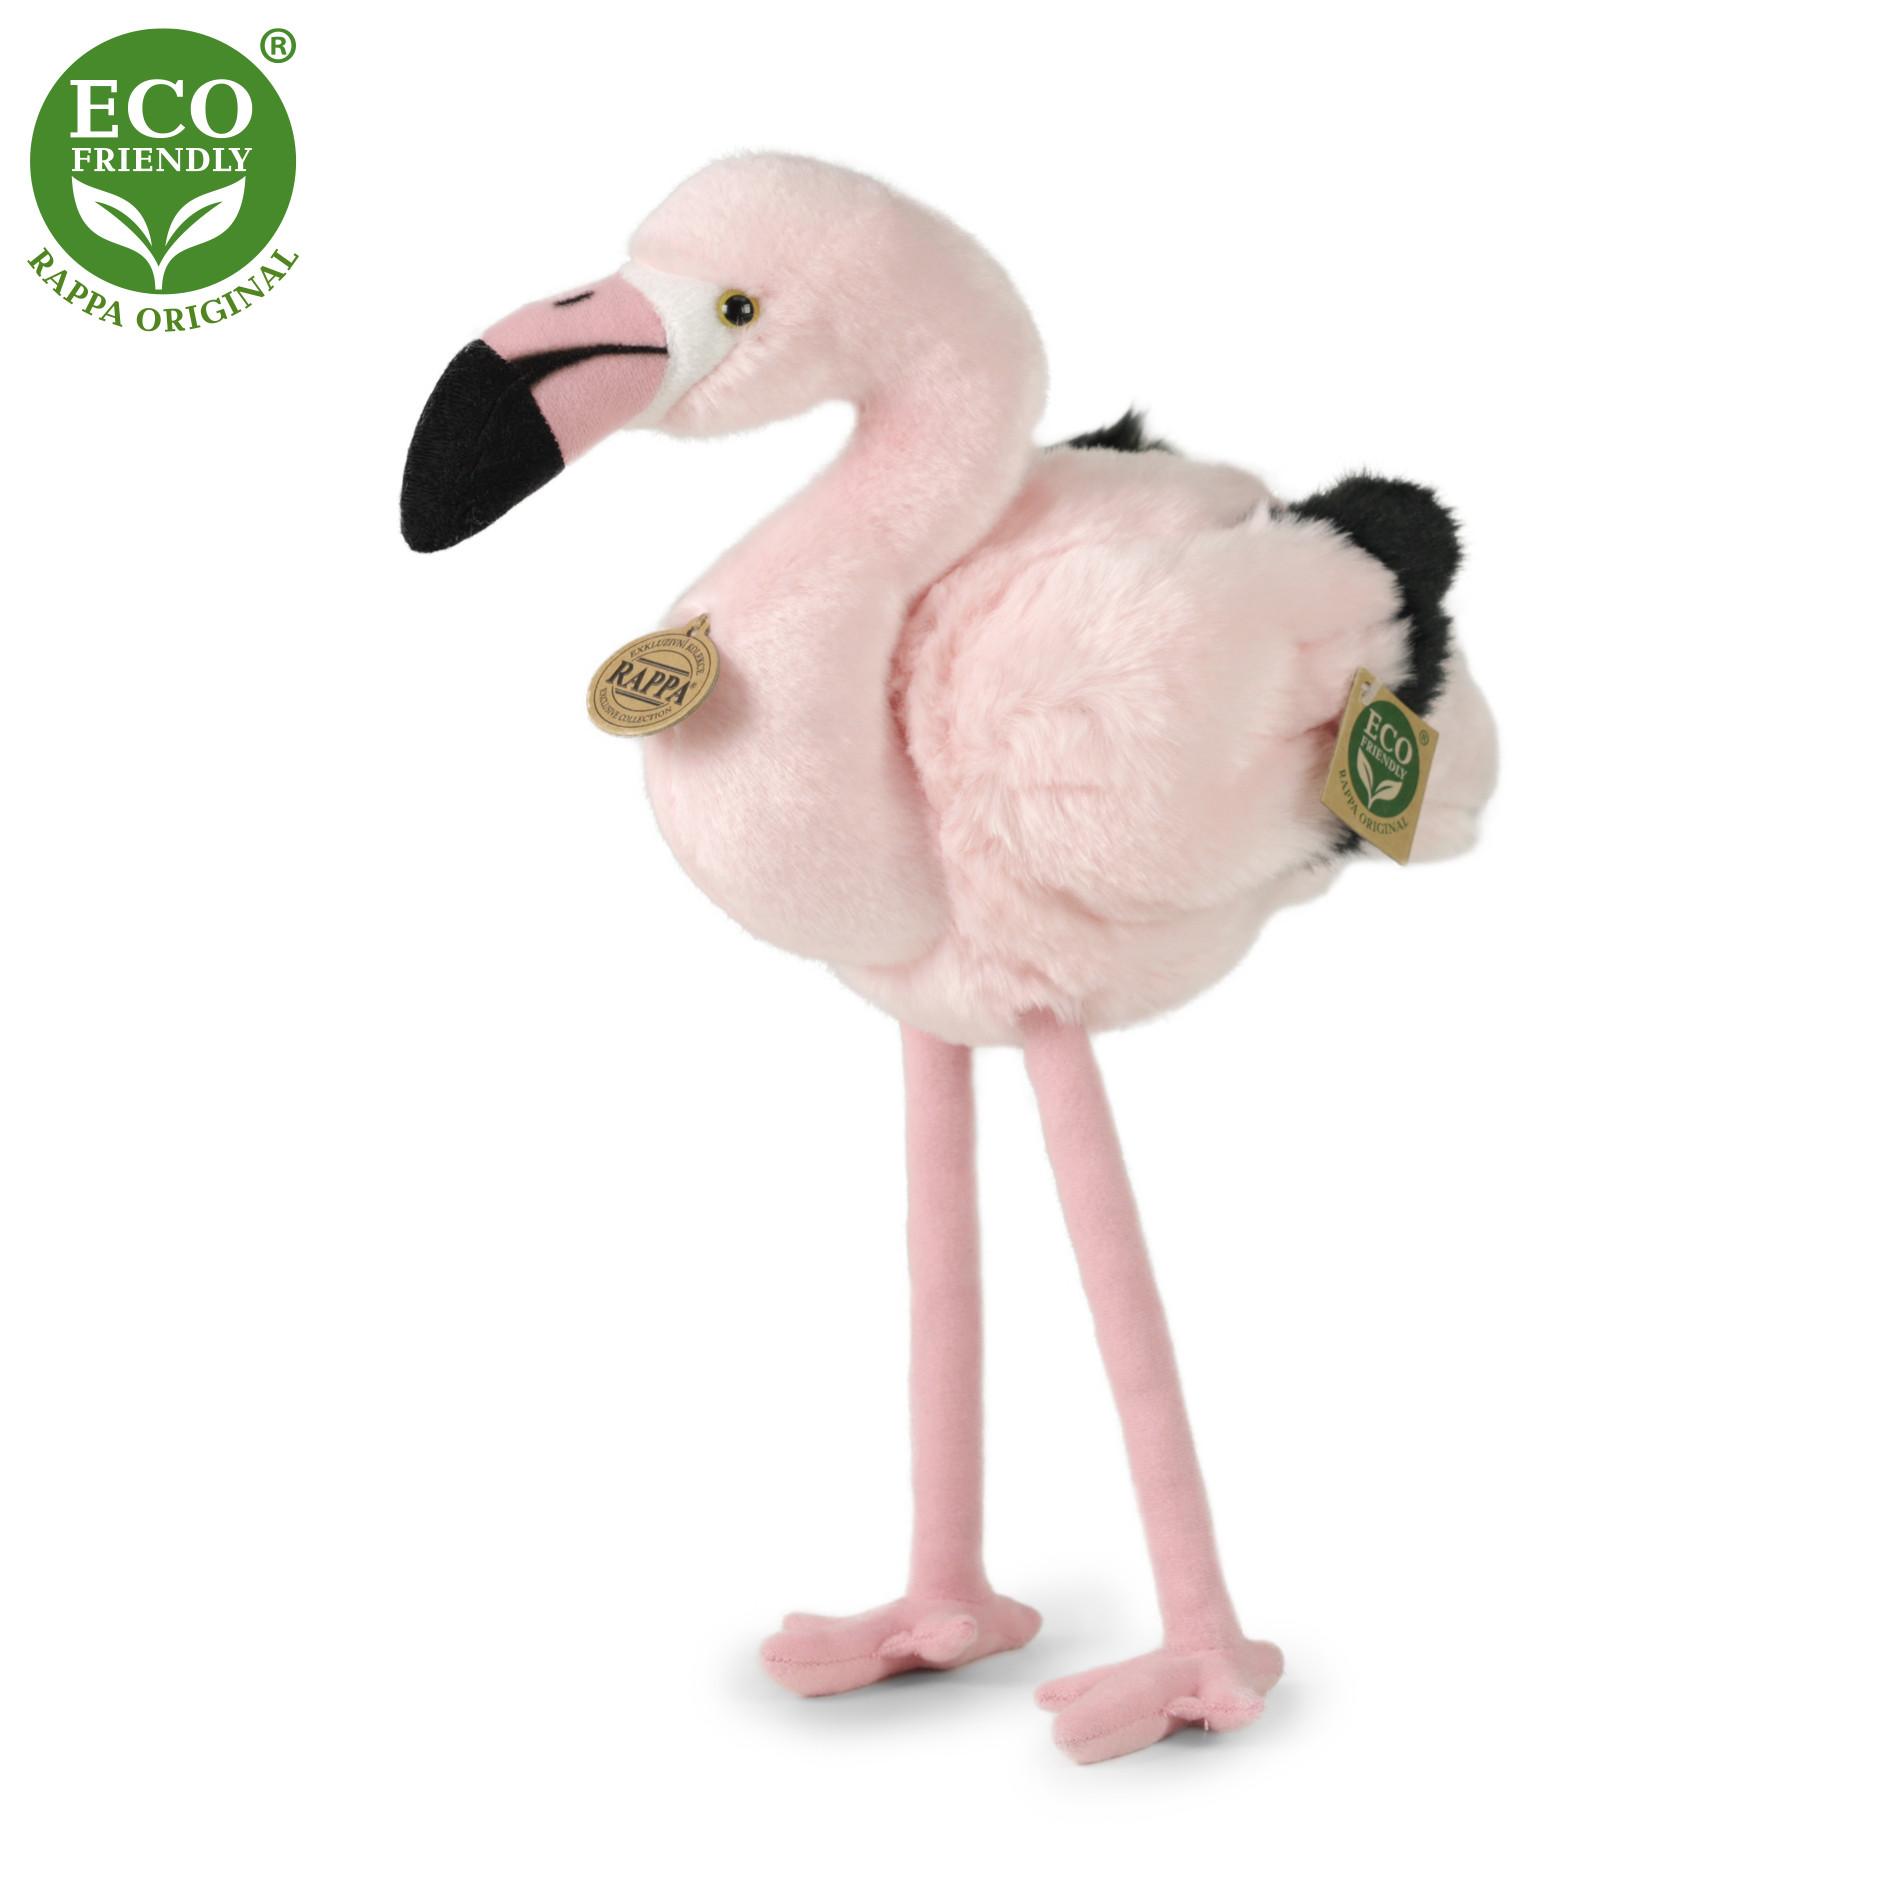 the plush flamingo, 34 cm